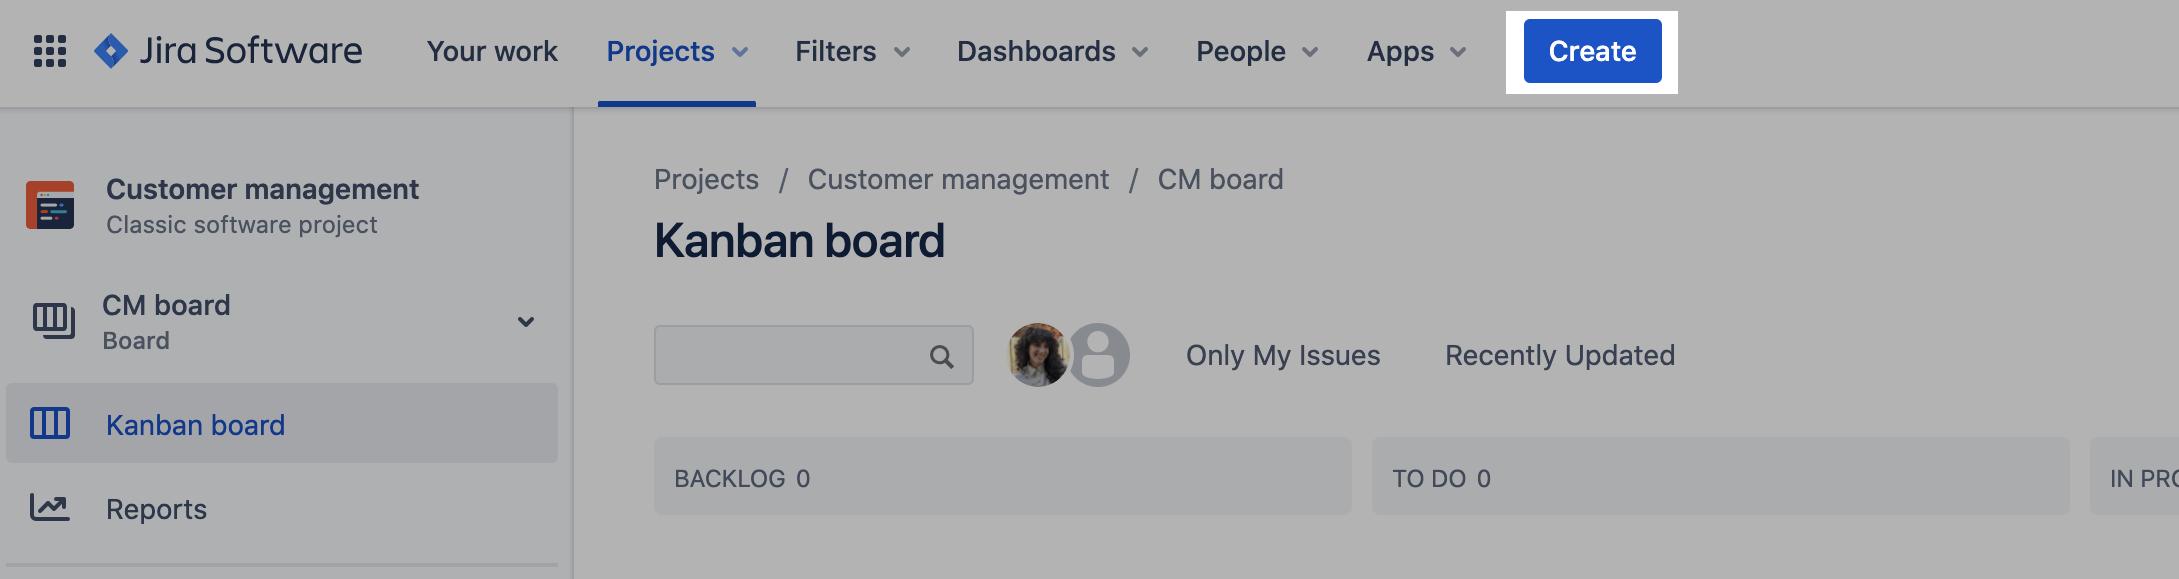 Capture d'écran mettant en évidence le bouton «Create» (Créer) pour créer un ticket dans un tableauKanban